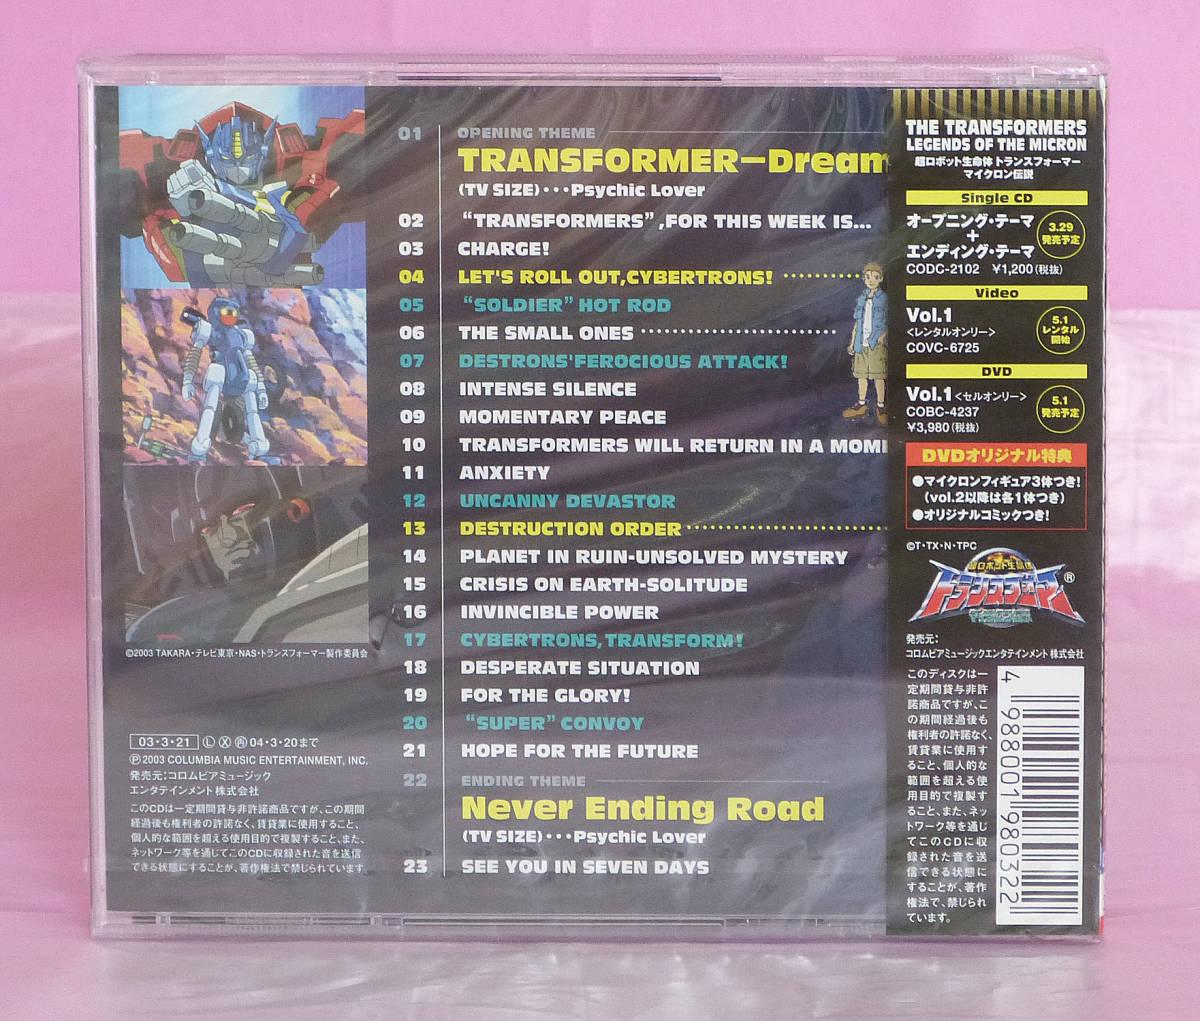 未開封新品 トランスフォーマー マイクロン伝説 SOUND OF EVOLUTION Vol.1 サウンドトラック ST-C5L_画像2